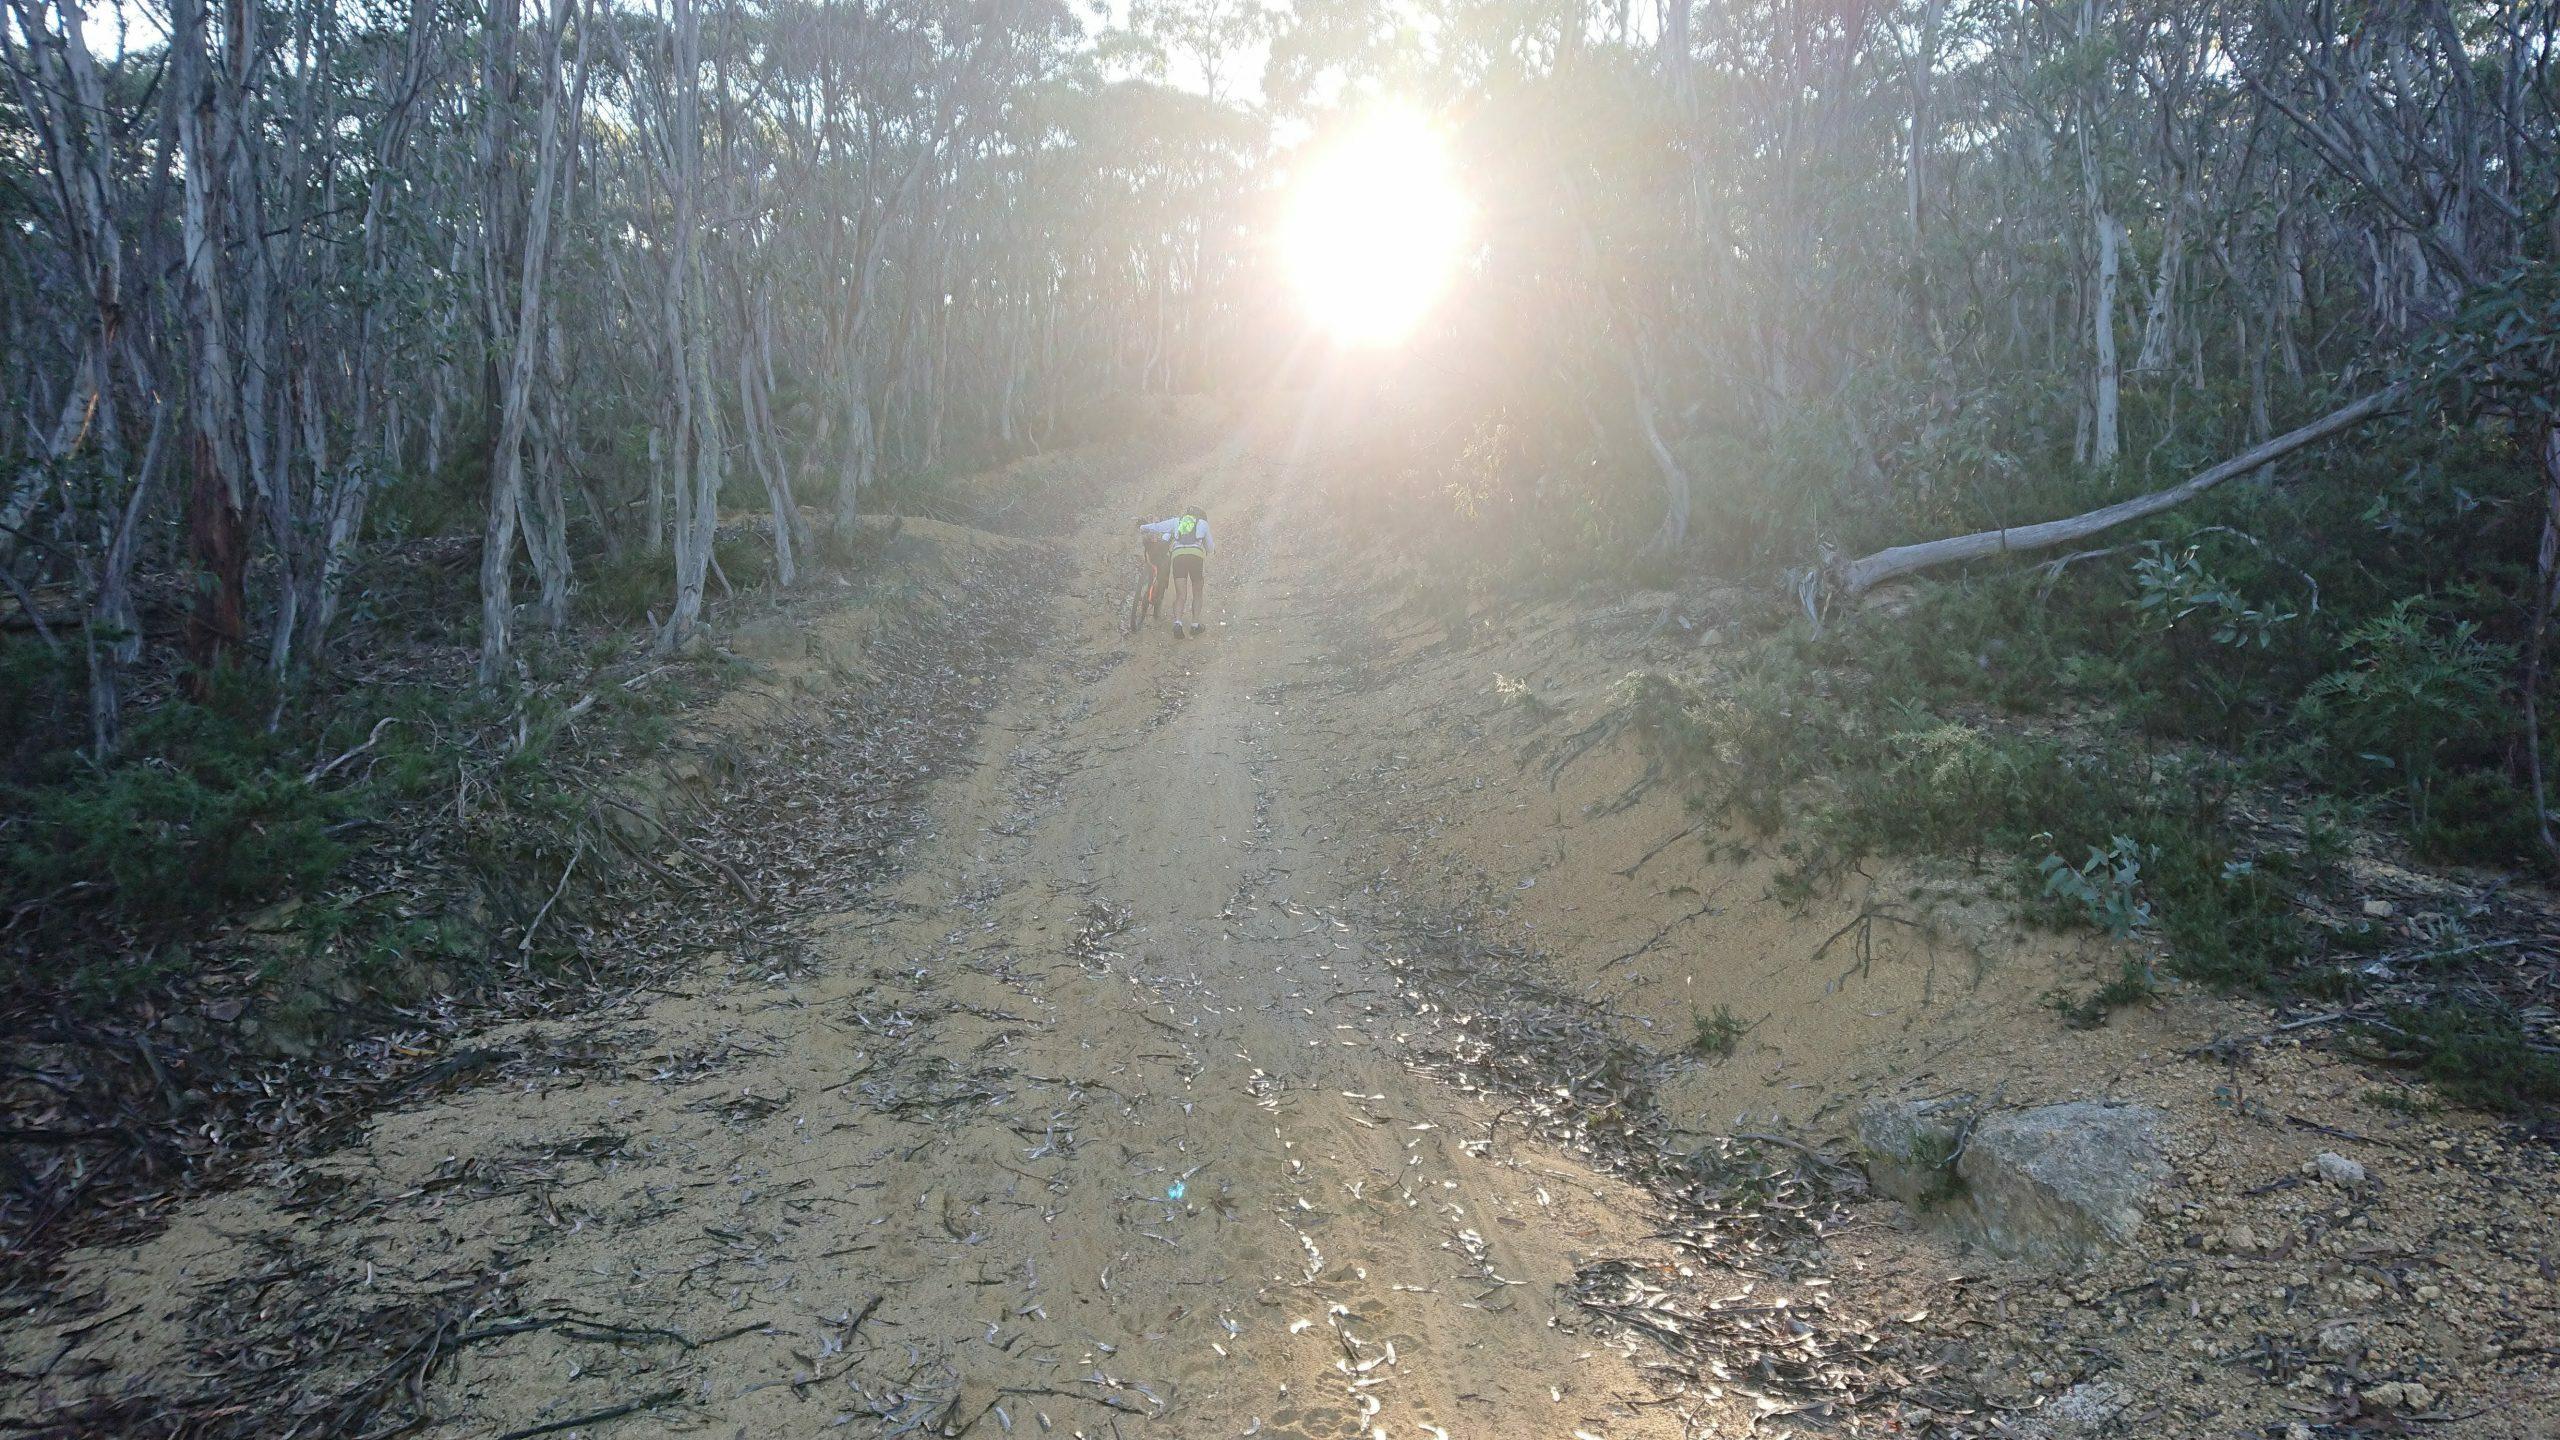 Hike a bike memory from Jonathan Milford